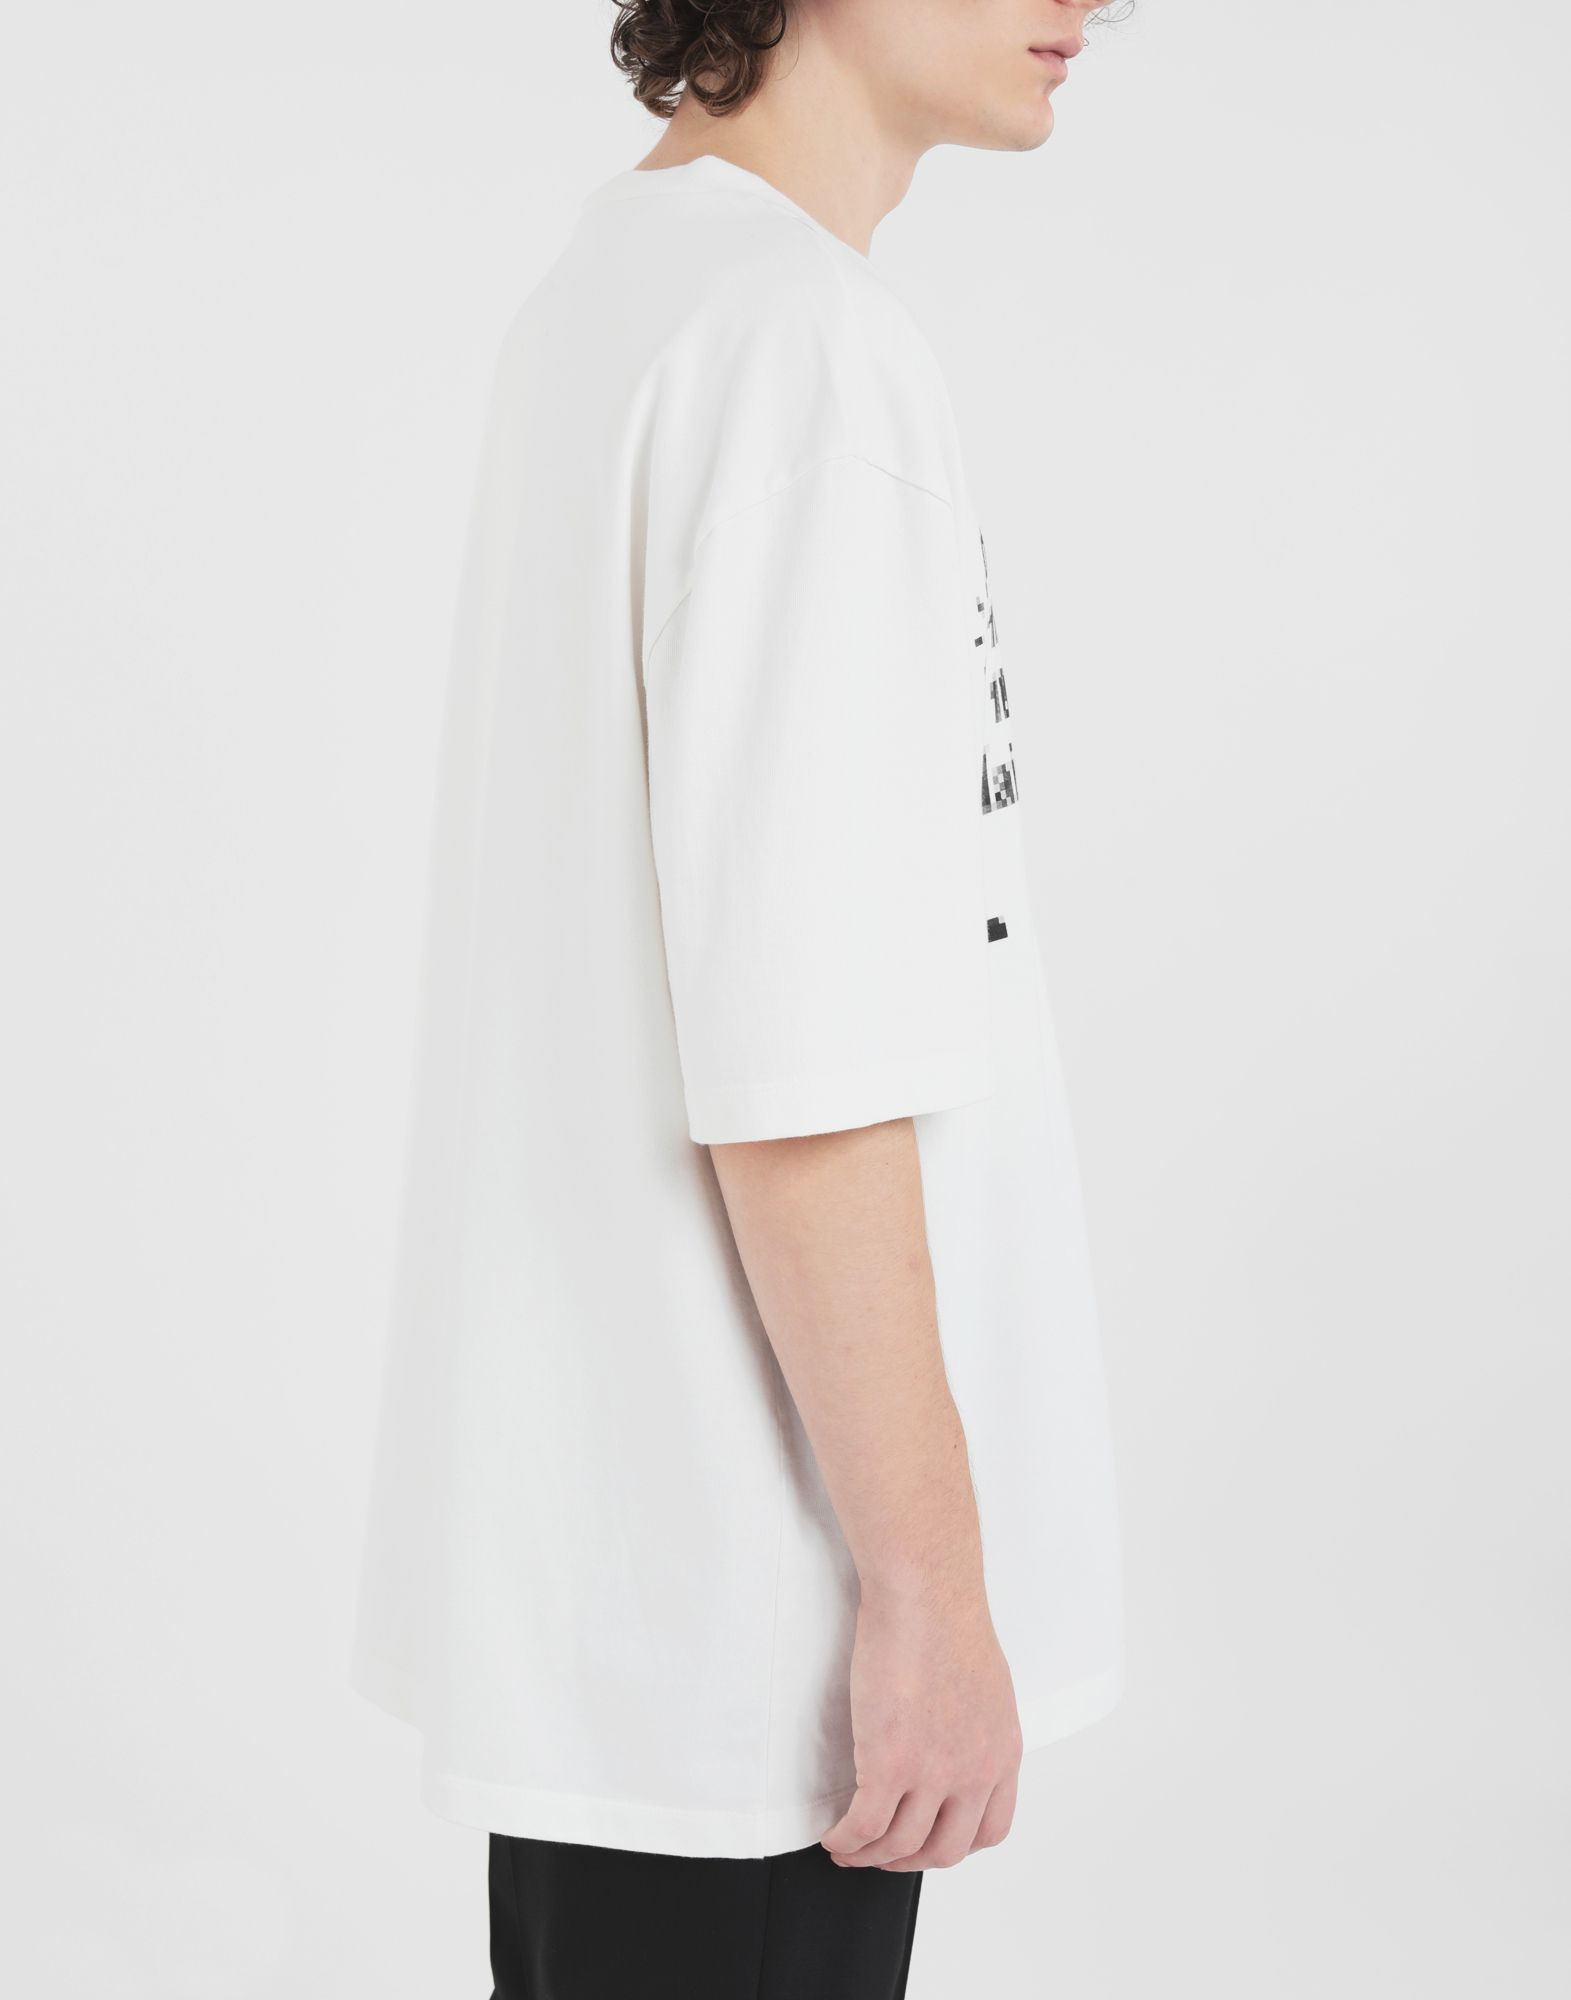 MAISON MARGIELA T-Shirt mit Logo Kurzärmliges T-Shirt Herren b